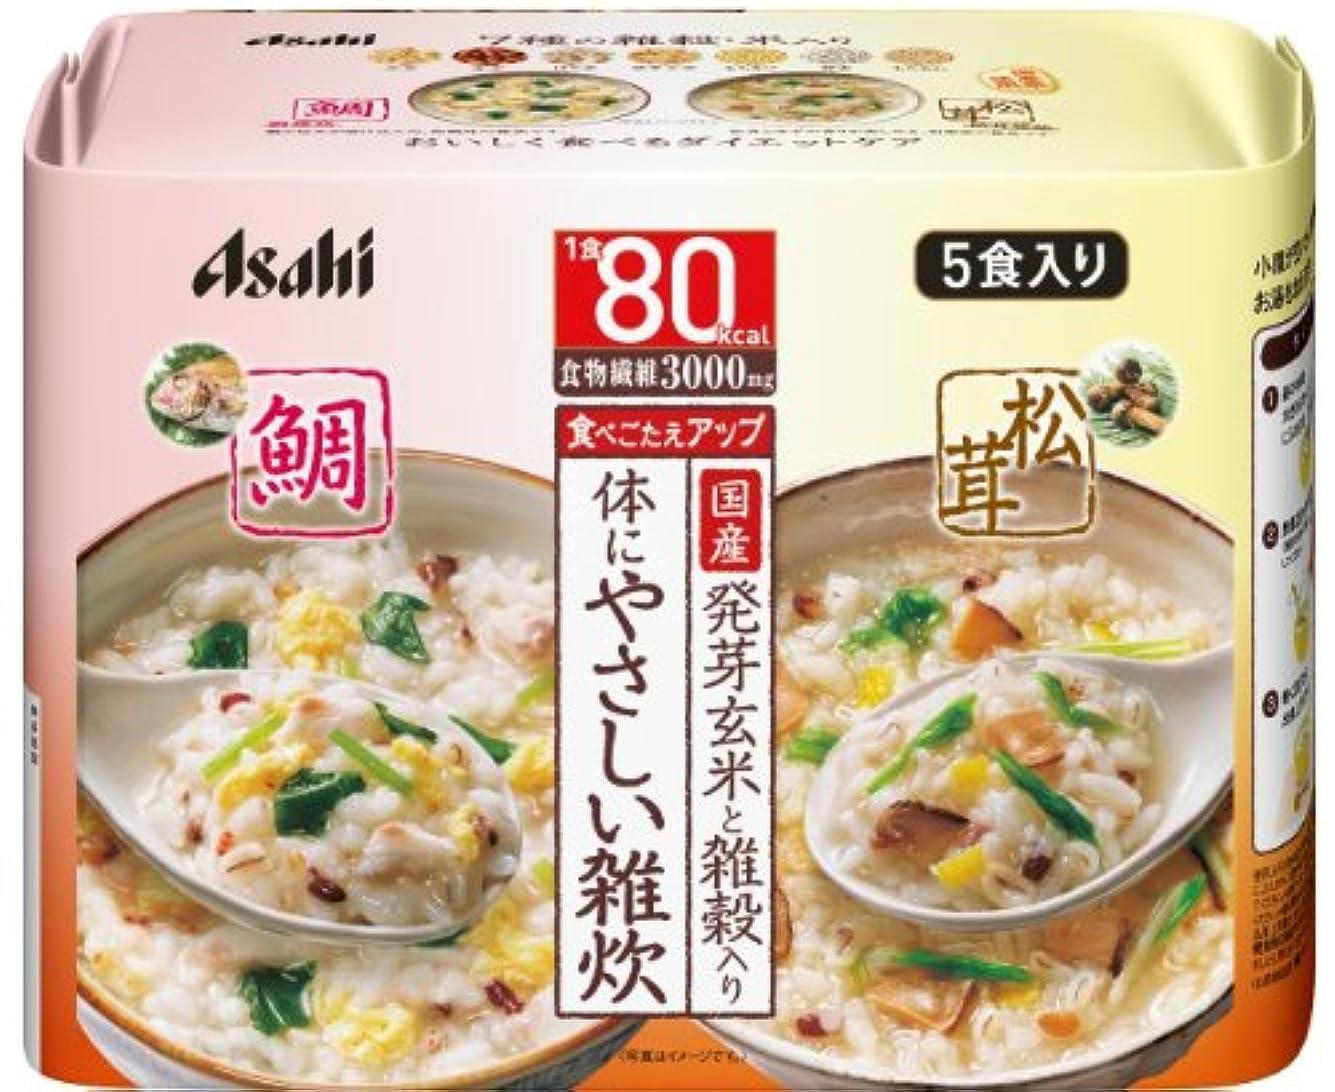 みすぼらしいベアリング作りリセットボディ 体にやさしい鯛&松茸雑炊 5食入